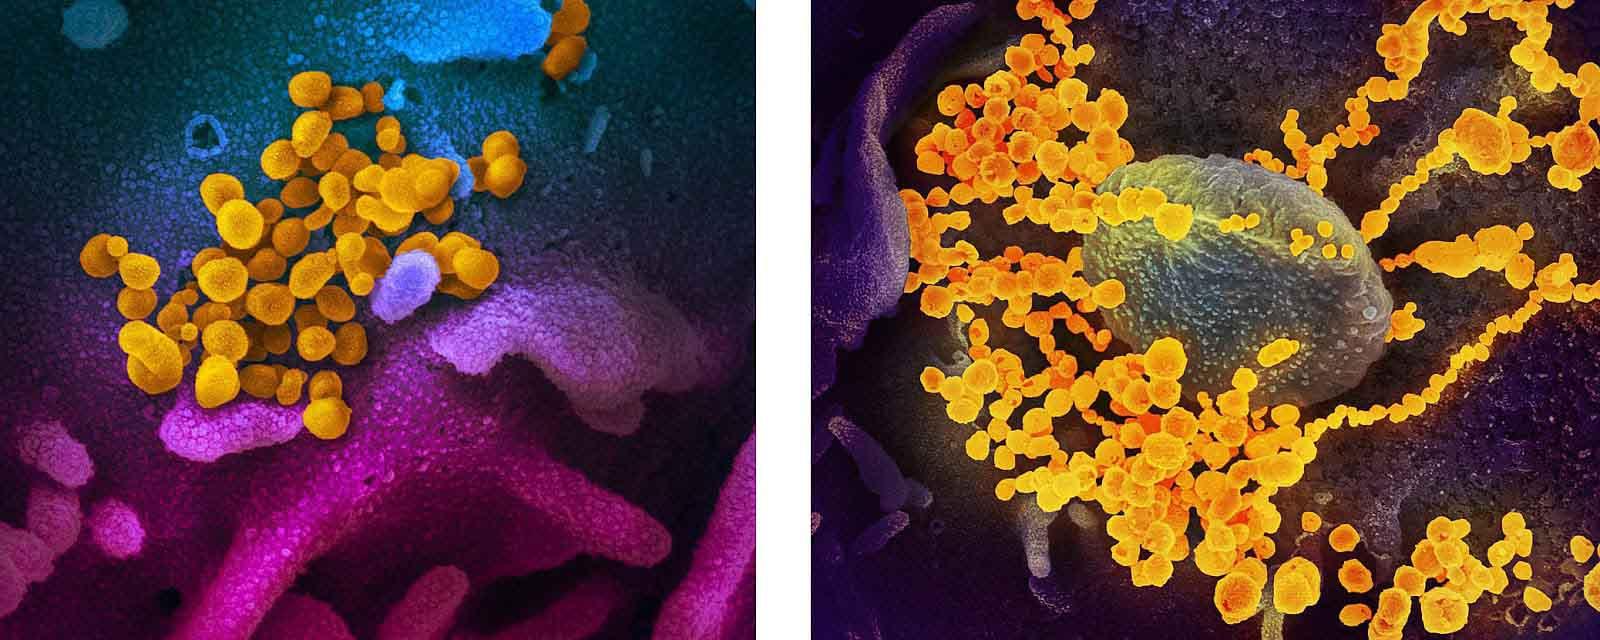 Коронавирус SARS-CoV-2 под микроскопом